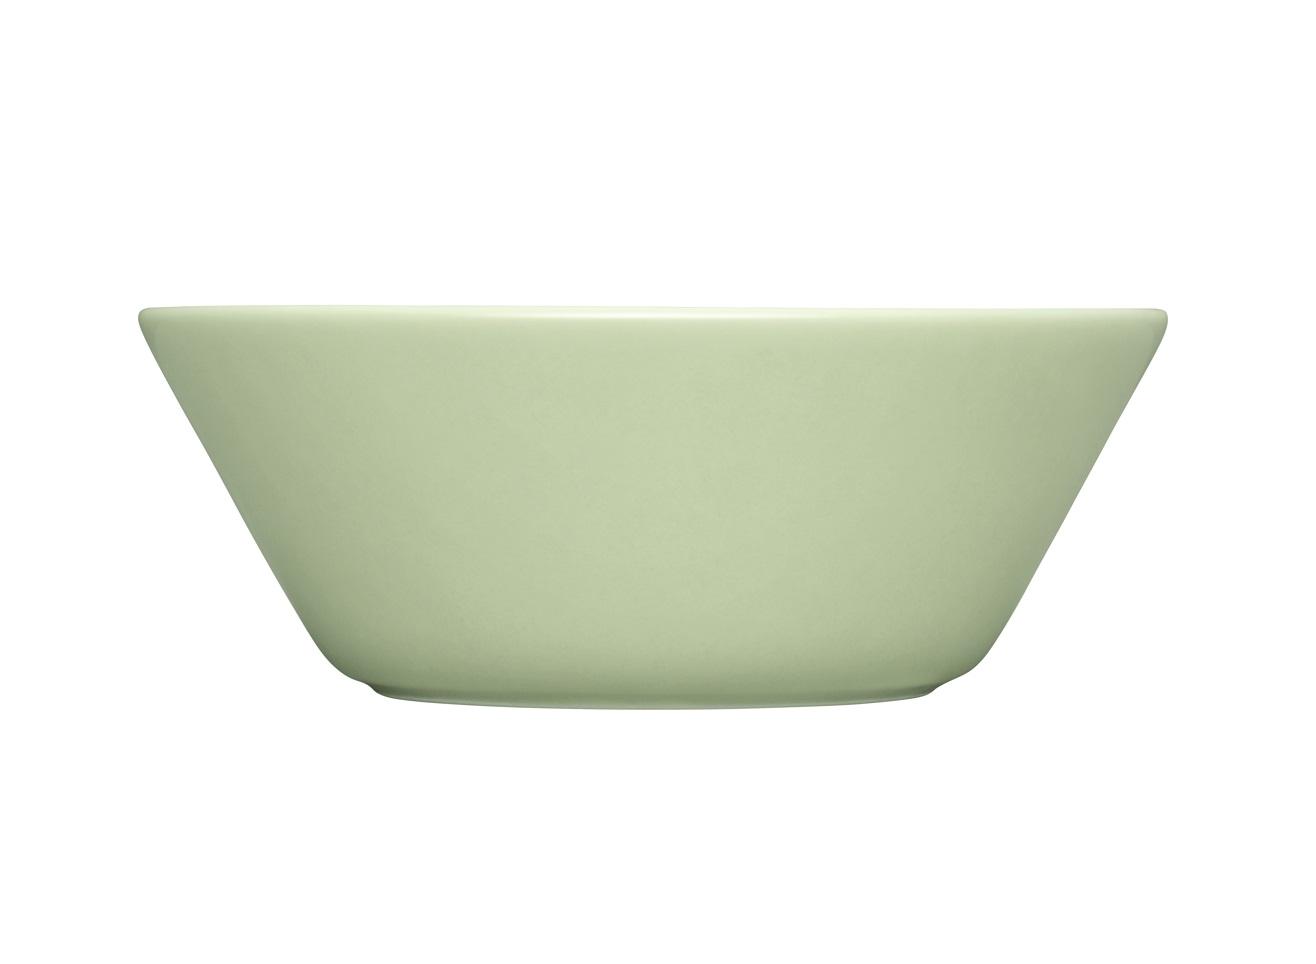 Чаша TeemaМиски и чаши<br>Teema - это классика дизайна Iittala, каждый продукт имеет чёткие геометрические формы: круг, квадрат и прямоугольник. Как говорит Кай Франк: «Цвет является единственным украшением». Посуда серии Teema является универсальной, её можно комбинировать с любой серией Iittala. Она практична и лаконична.<br><br>Material: Фарфор<br>Высота см: 5